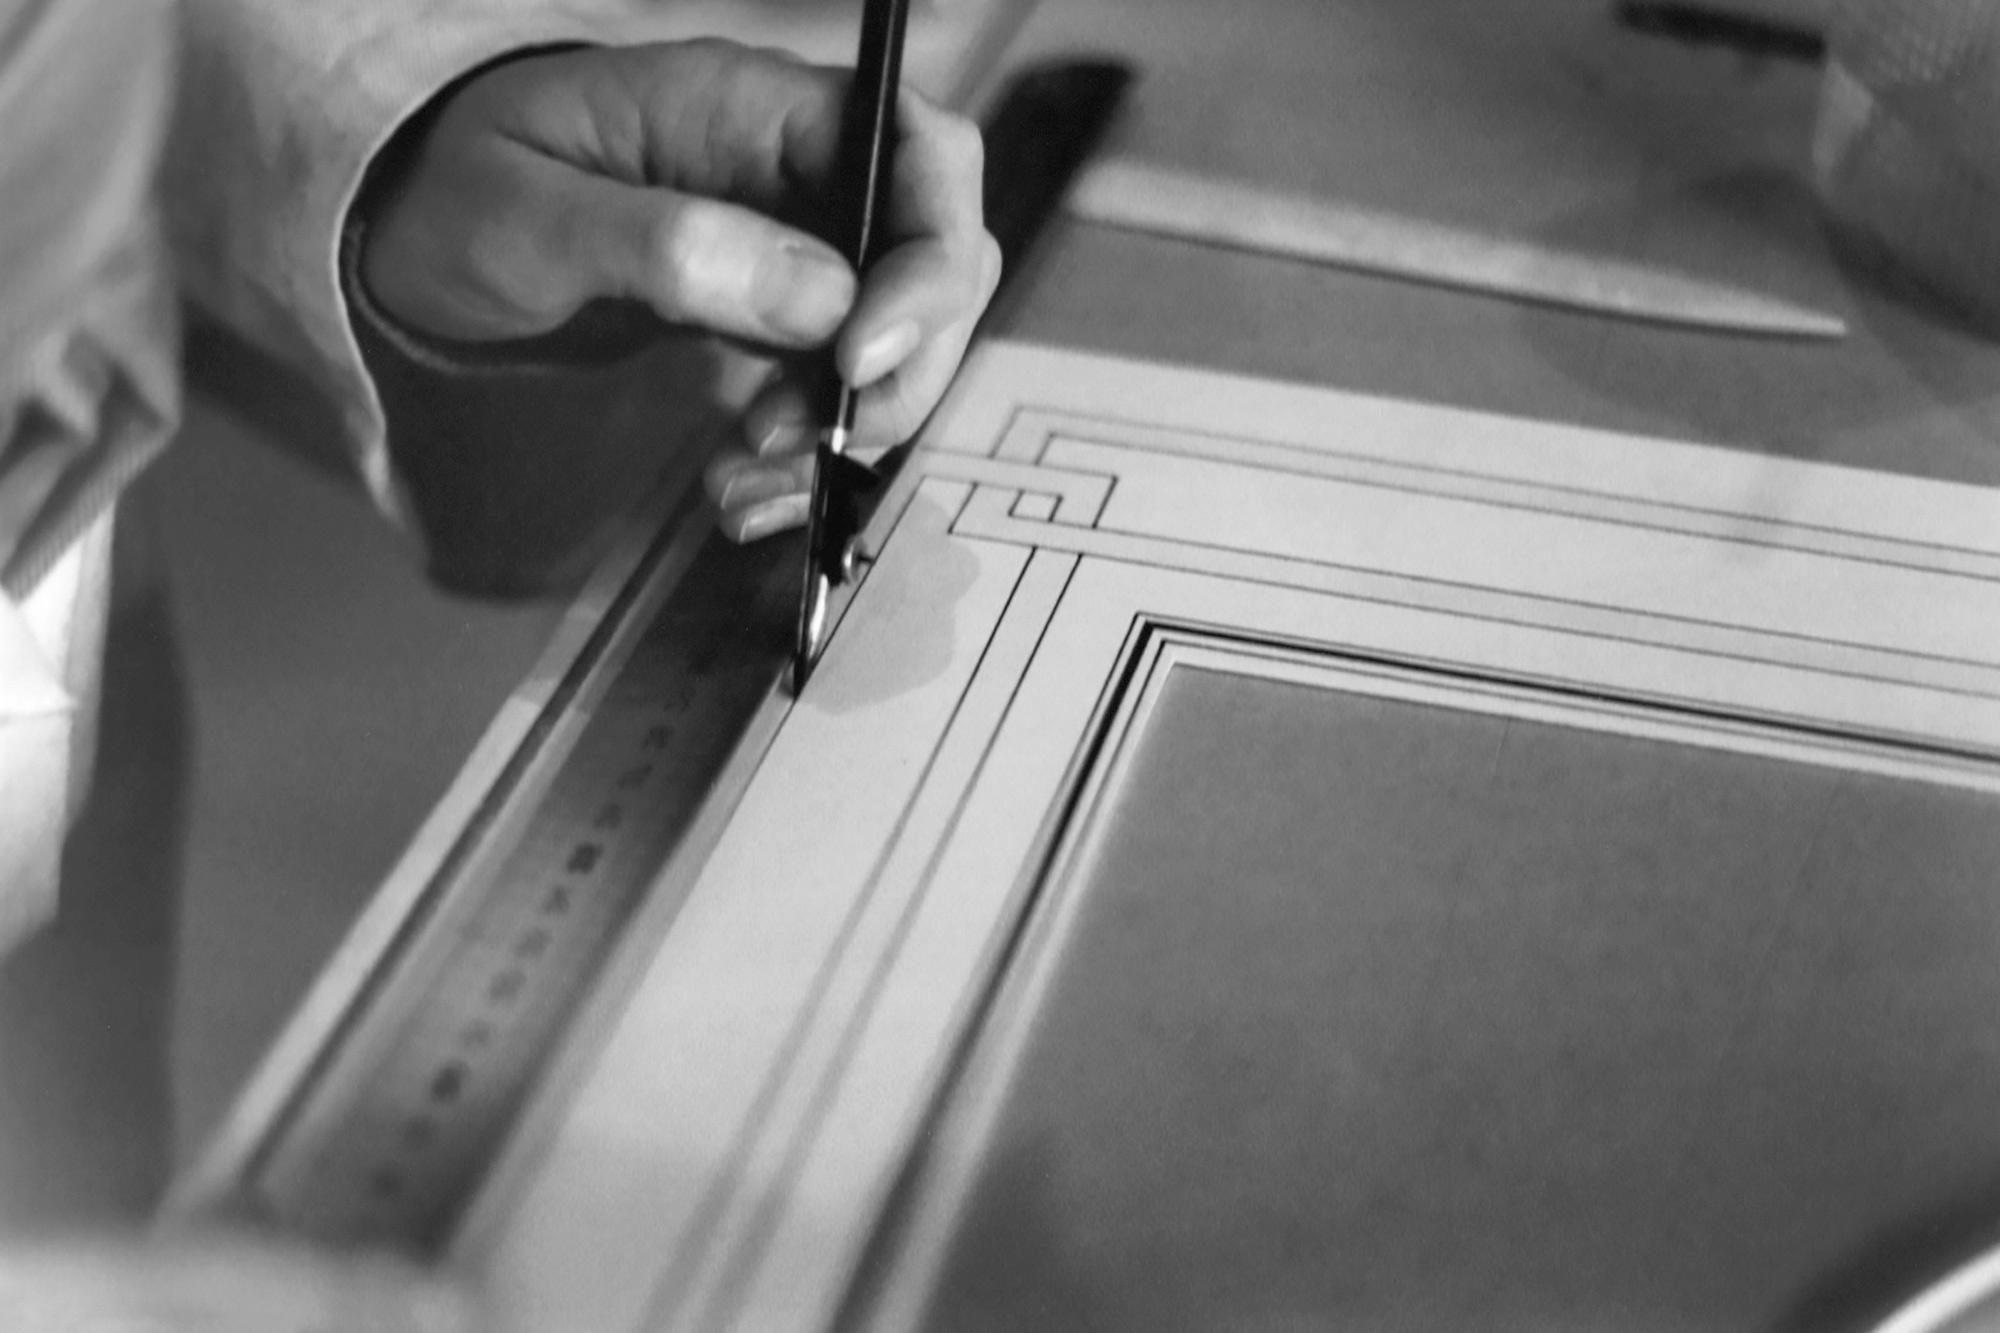 Neess encadrement atelier encadreur cadres sur-mesure style ancien contemporain bois aluminium plomb tire-ligne passe-partout marie-louise rue du page Châtelain Bruxelles